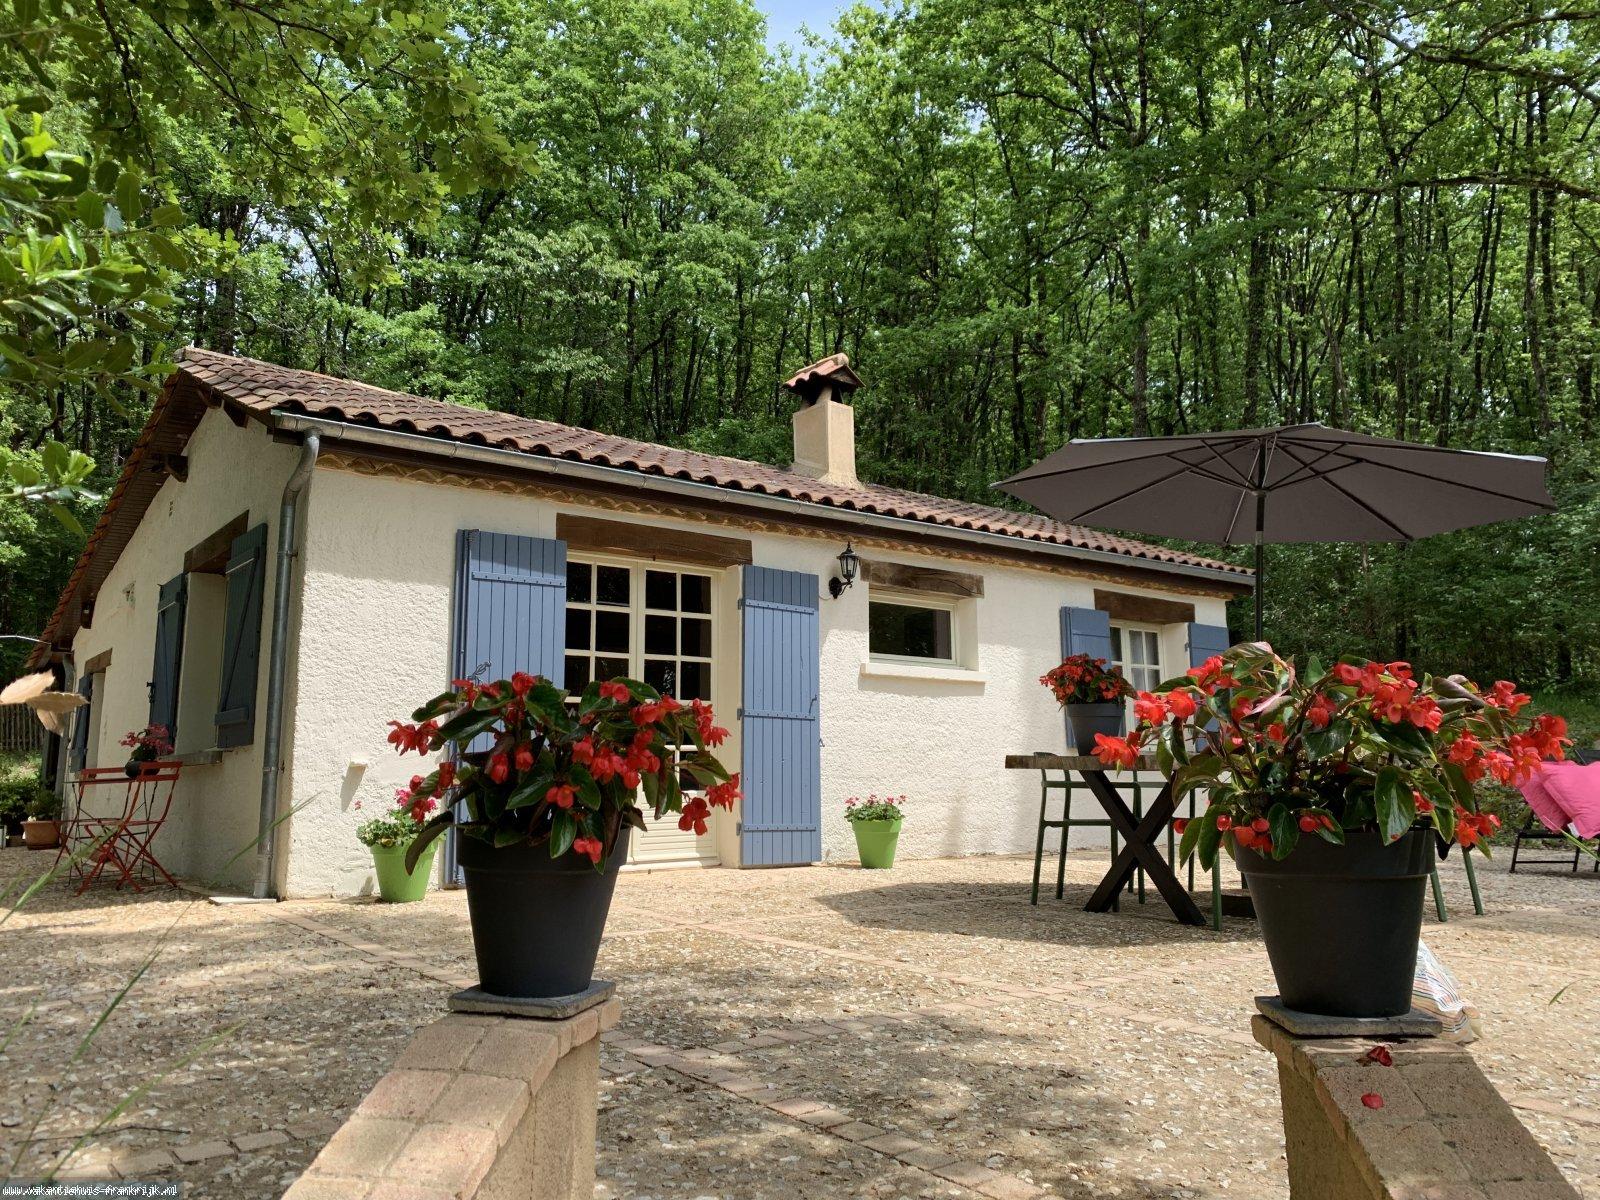 Vakantiehuis: Geniet van de rust in dit geheel privé, net gerenoveerd huis aan de rand van het bos te huur voor uw vakantie in Dordogne (Frankrijk)